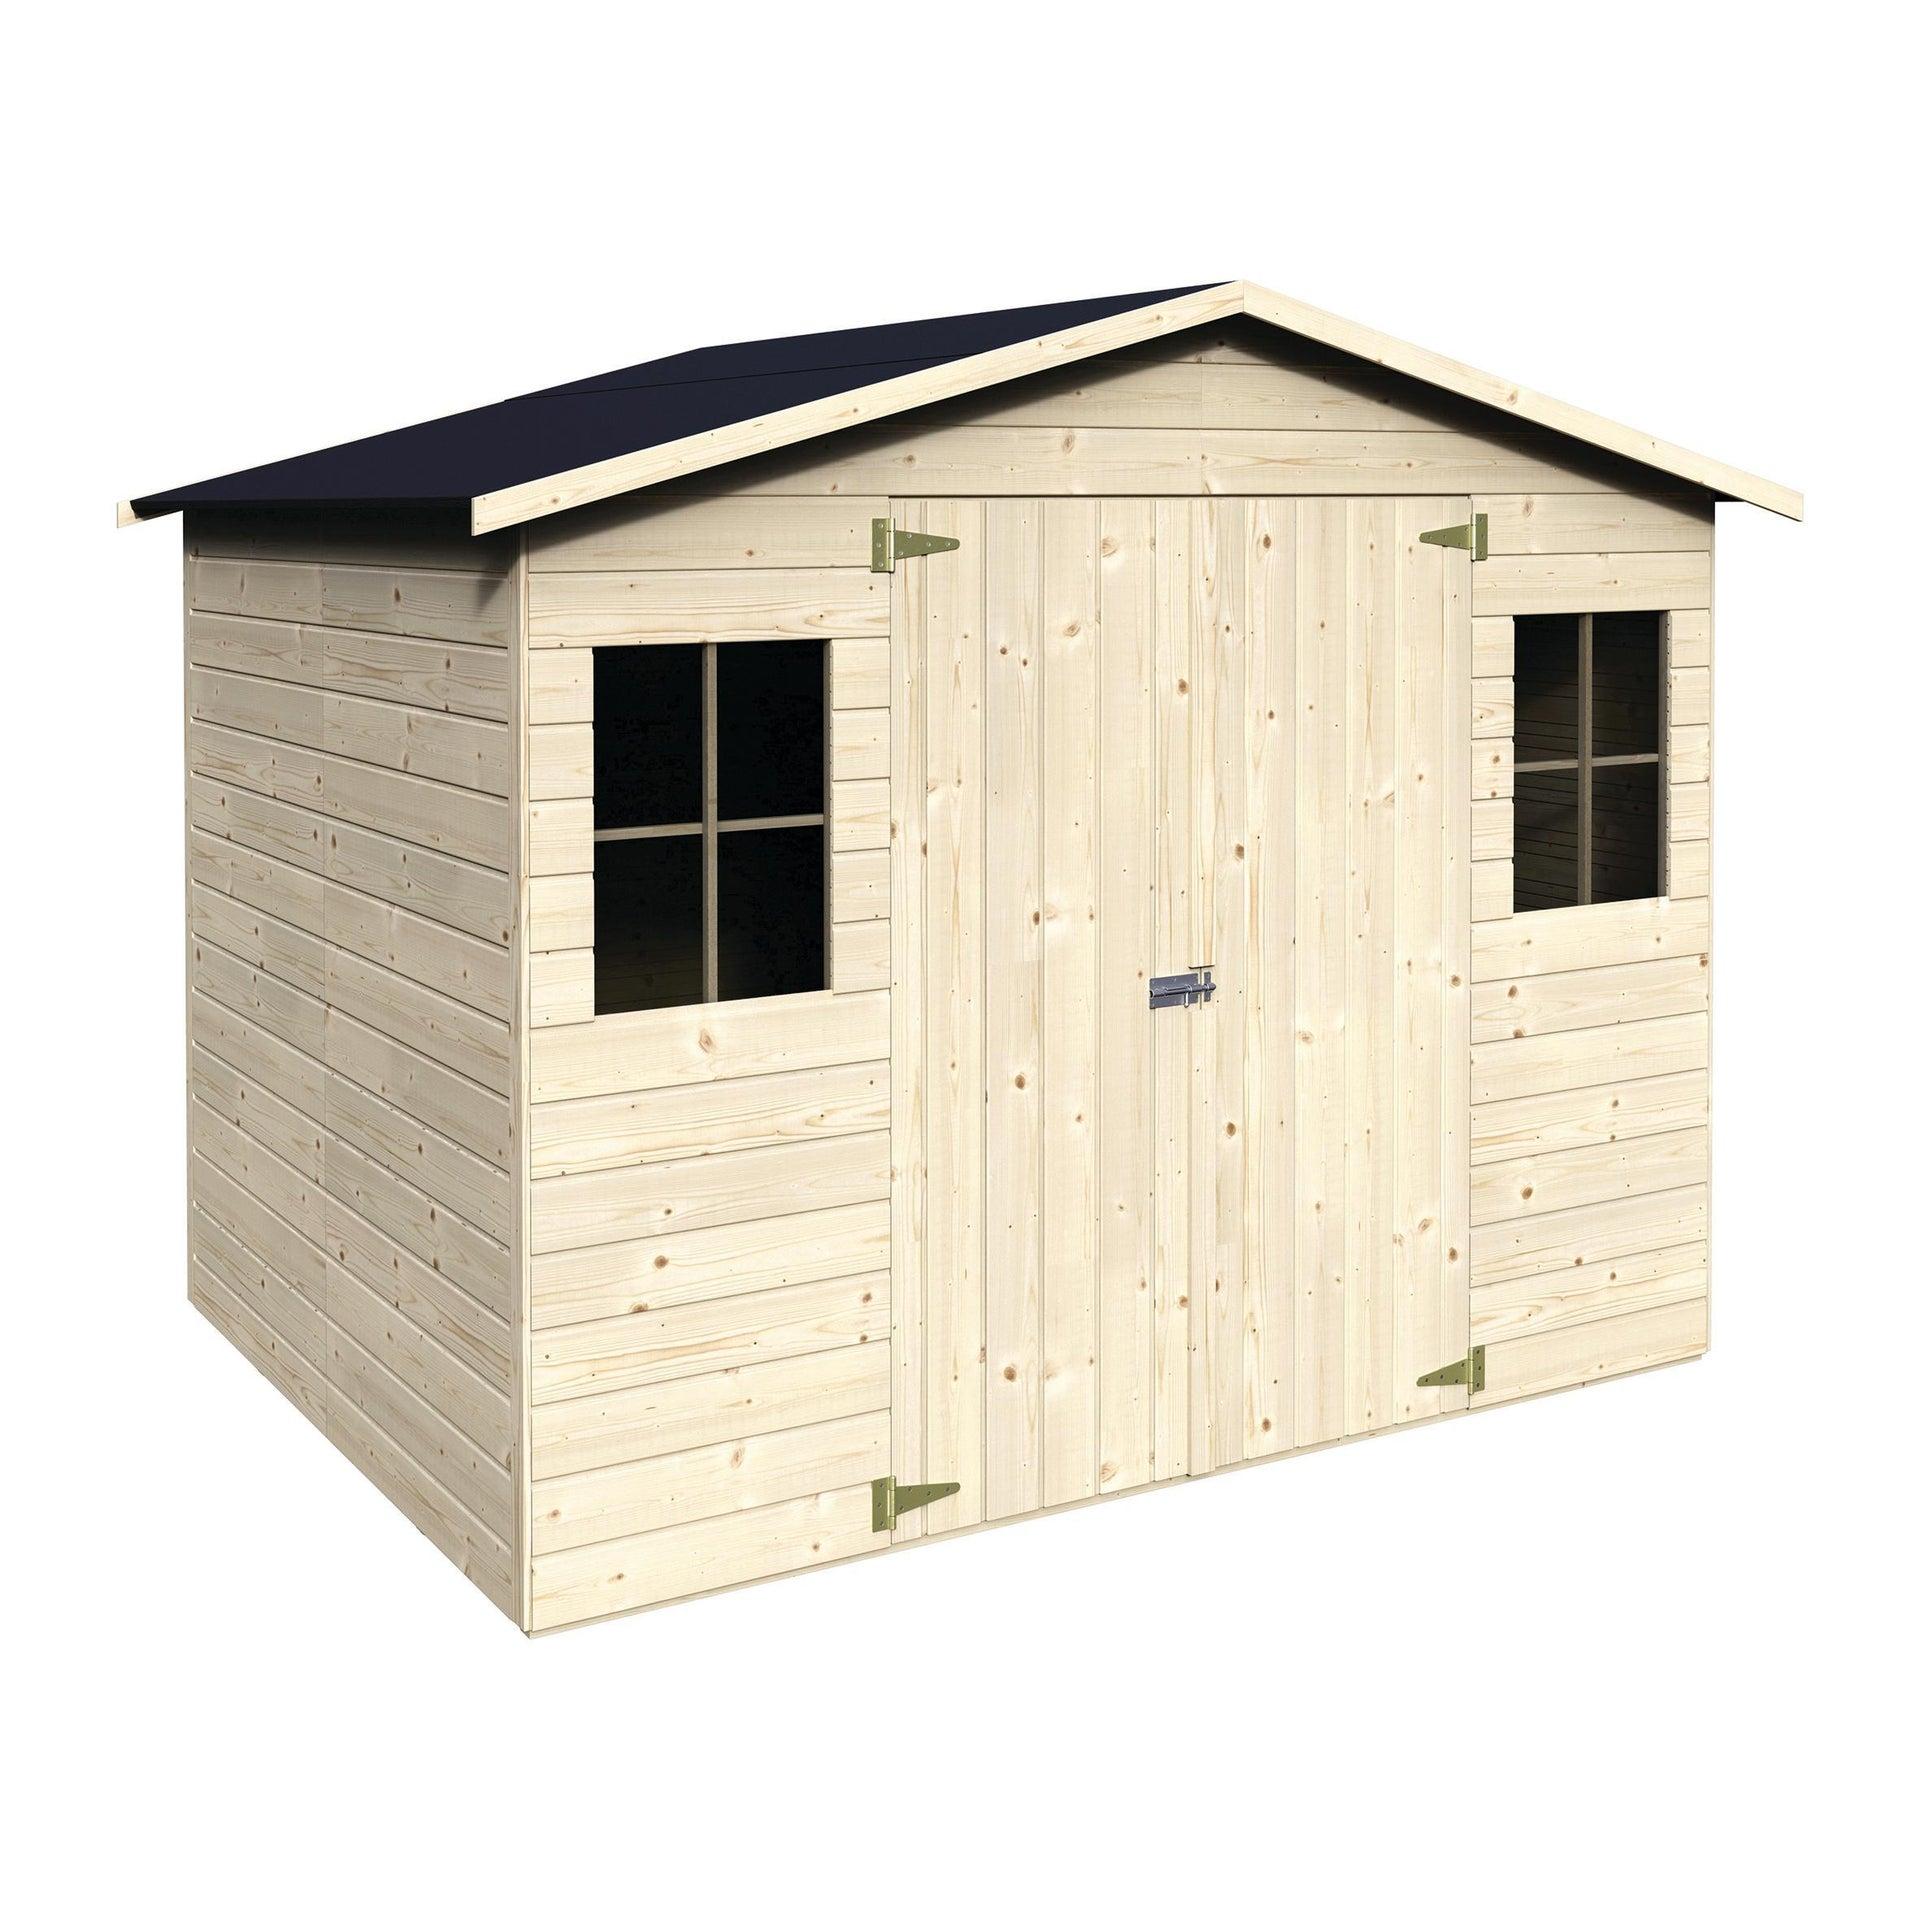 Casetta da giardino in legno Bouganvillea, superficie interna 4.32 m² e spessore parete 12 mm - 3